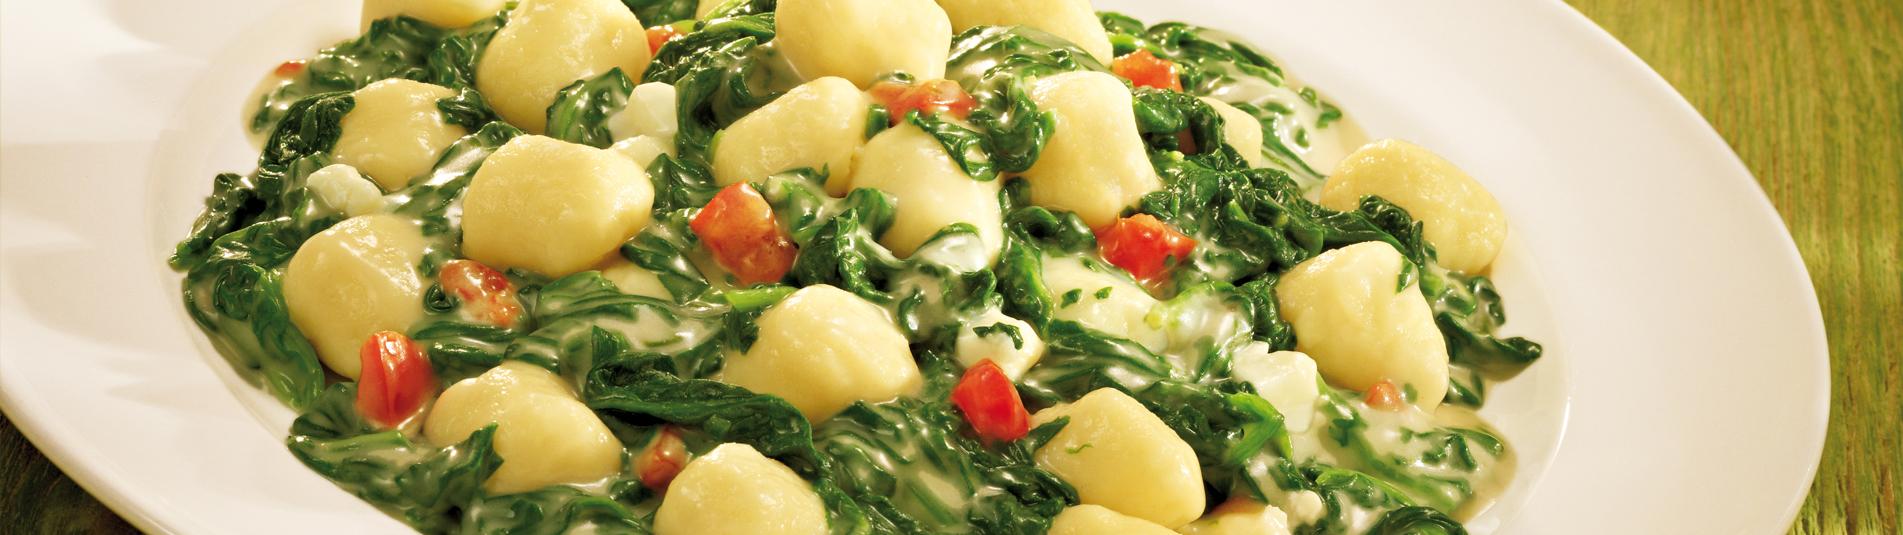 Gnocchi selbst gemacht im Handumdrehen – passt ideal zu Blattspinat mit Schafkäse.